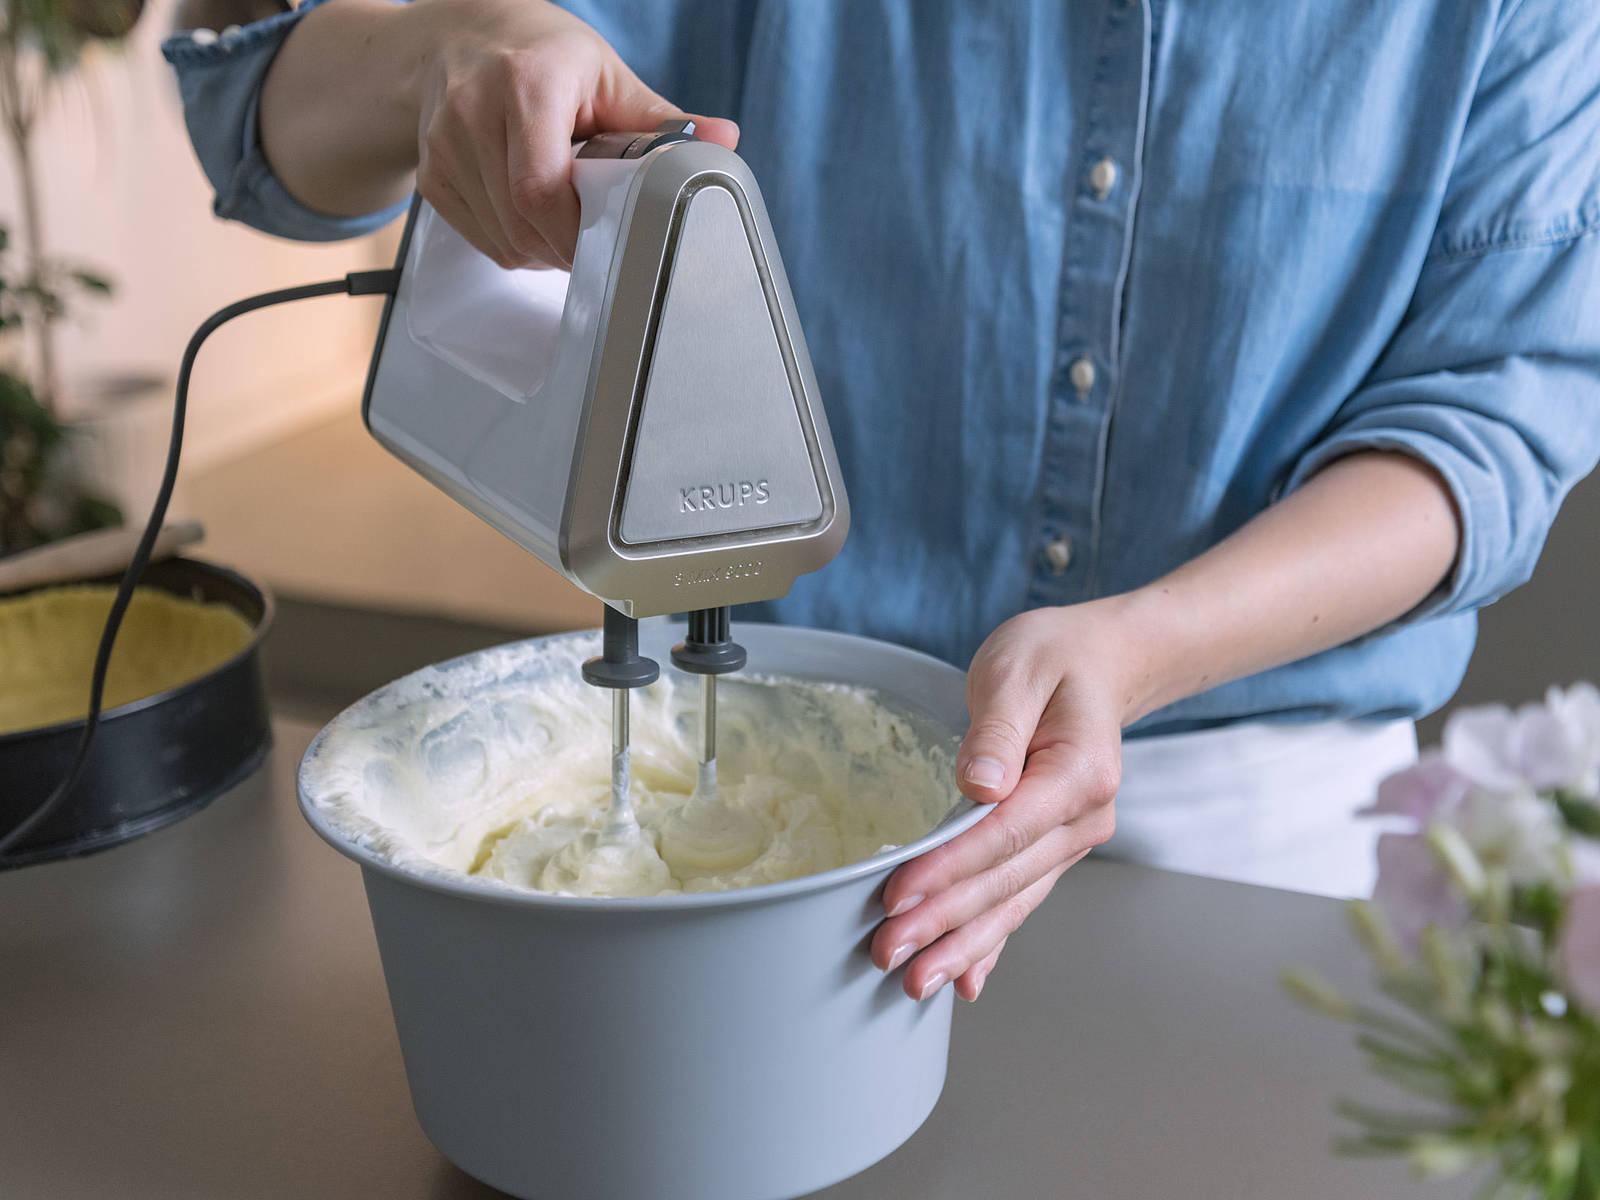 将烤箱预热至175℃。分离鸡蛋,将蛋白和蛋黄分别放到两个不同的搅拌碗中。搅打蛋白,直至形成硬性发泡。置于一旁。在小平底锅中小火融化黄油。往蛋黄中倒入奶油奶酪、糖、淀粉、黄油、香草精和柠檬汁,搅拌至混合物柔滑软绵。往蛋黄混合物中又拌入蛋白,尽可能留有多点的空气。将混合物倒入烤盘中,用烤盘在厨房台面上敲击几次,释放混合物中的气泡。